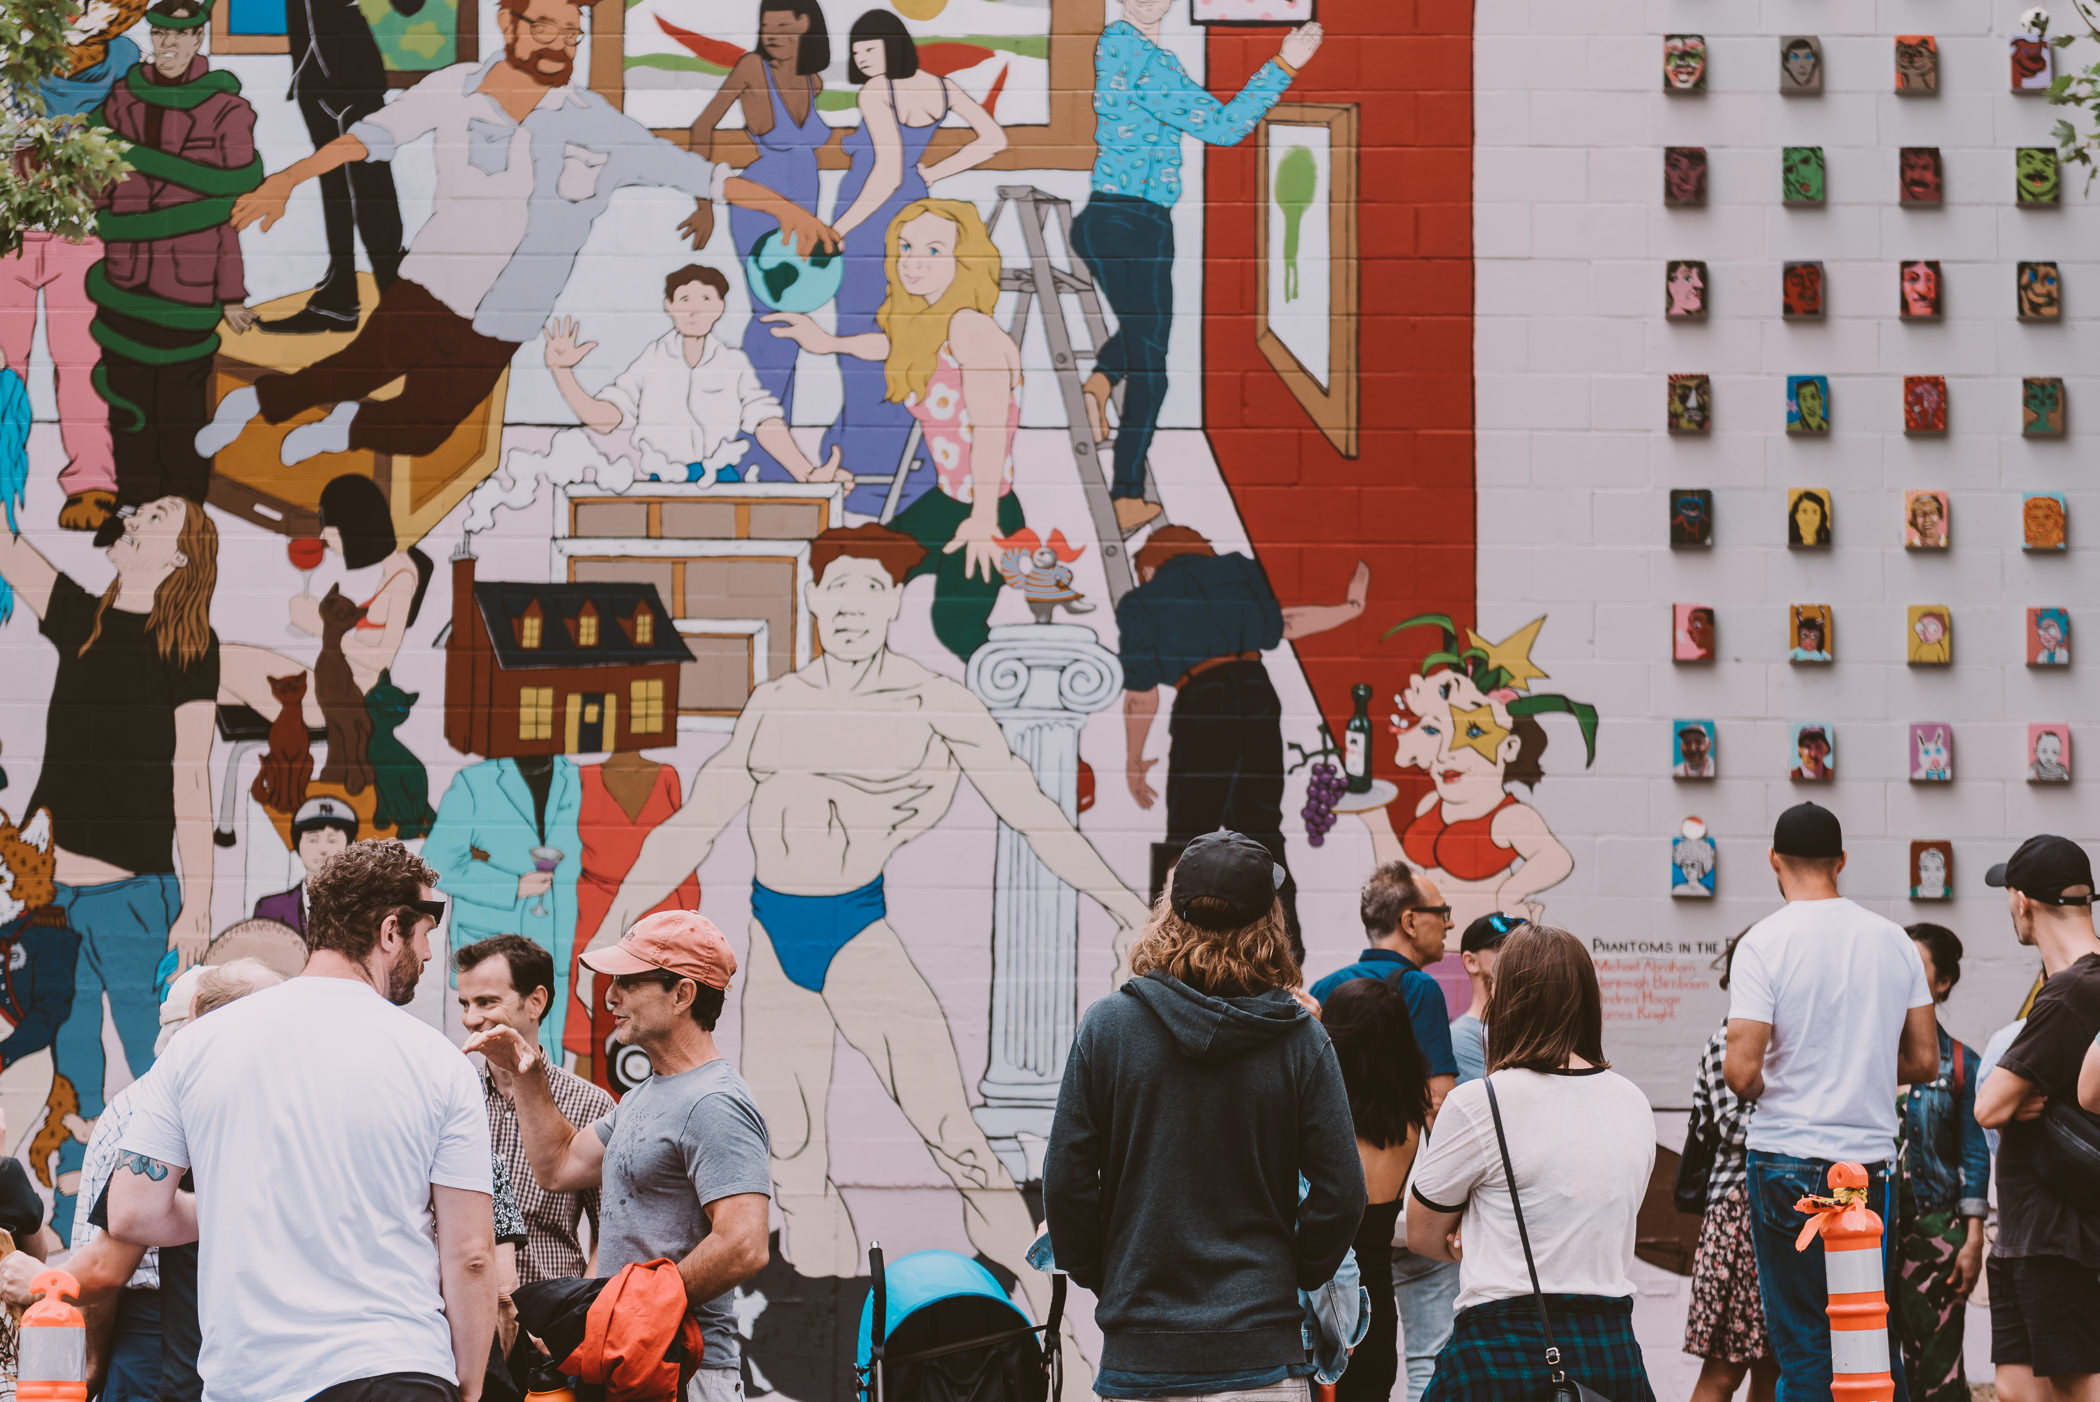 Vancouver_Mural_Fest-Do604-Timothy_Nguyen-20180811-94.jpg